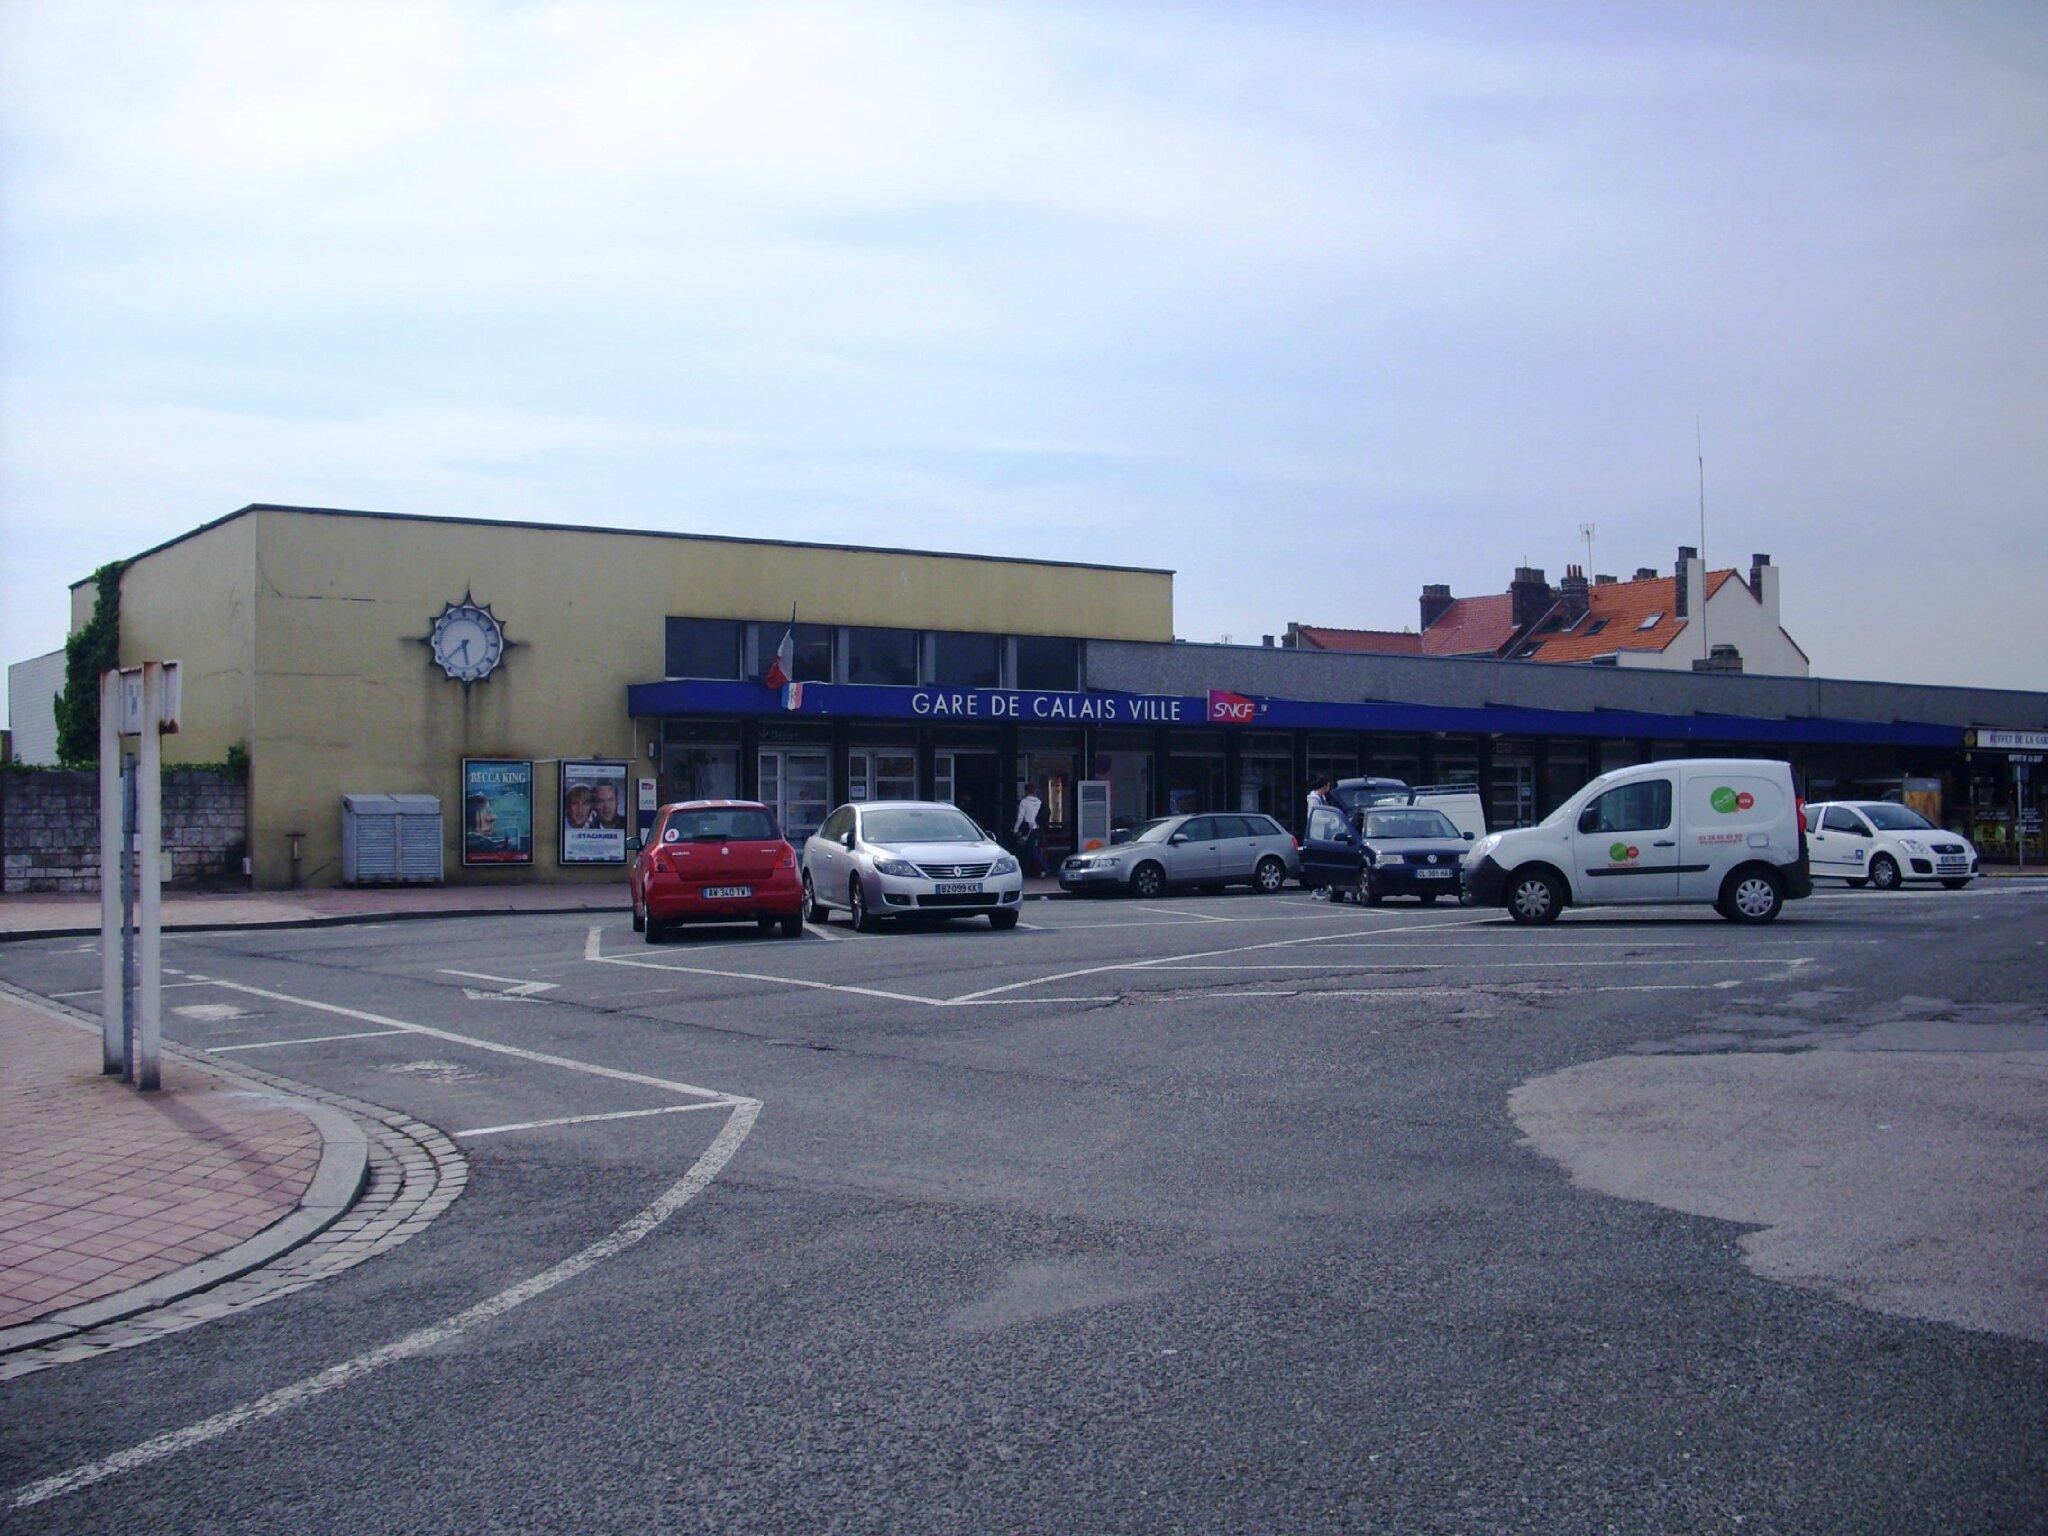 Calais-Ville (Pas-de-Calais - 62)